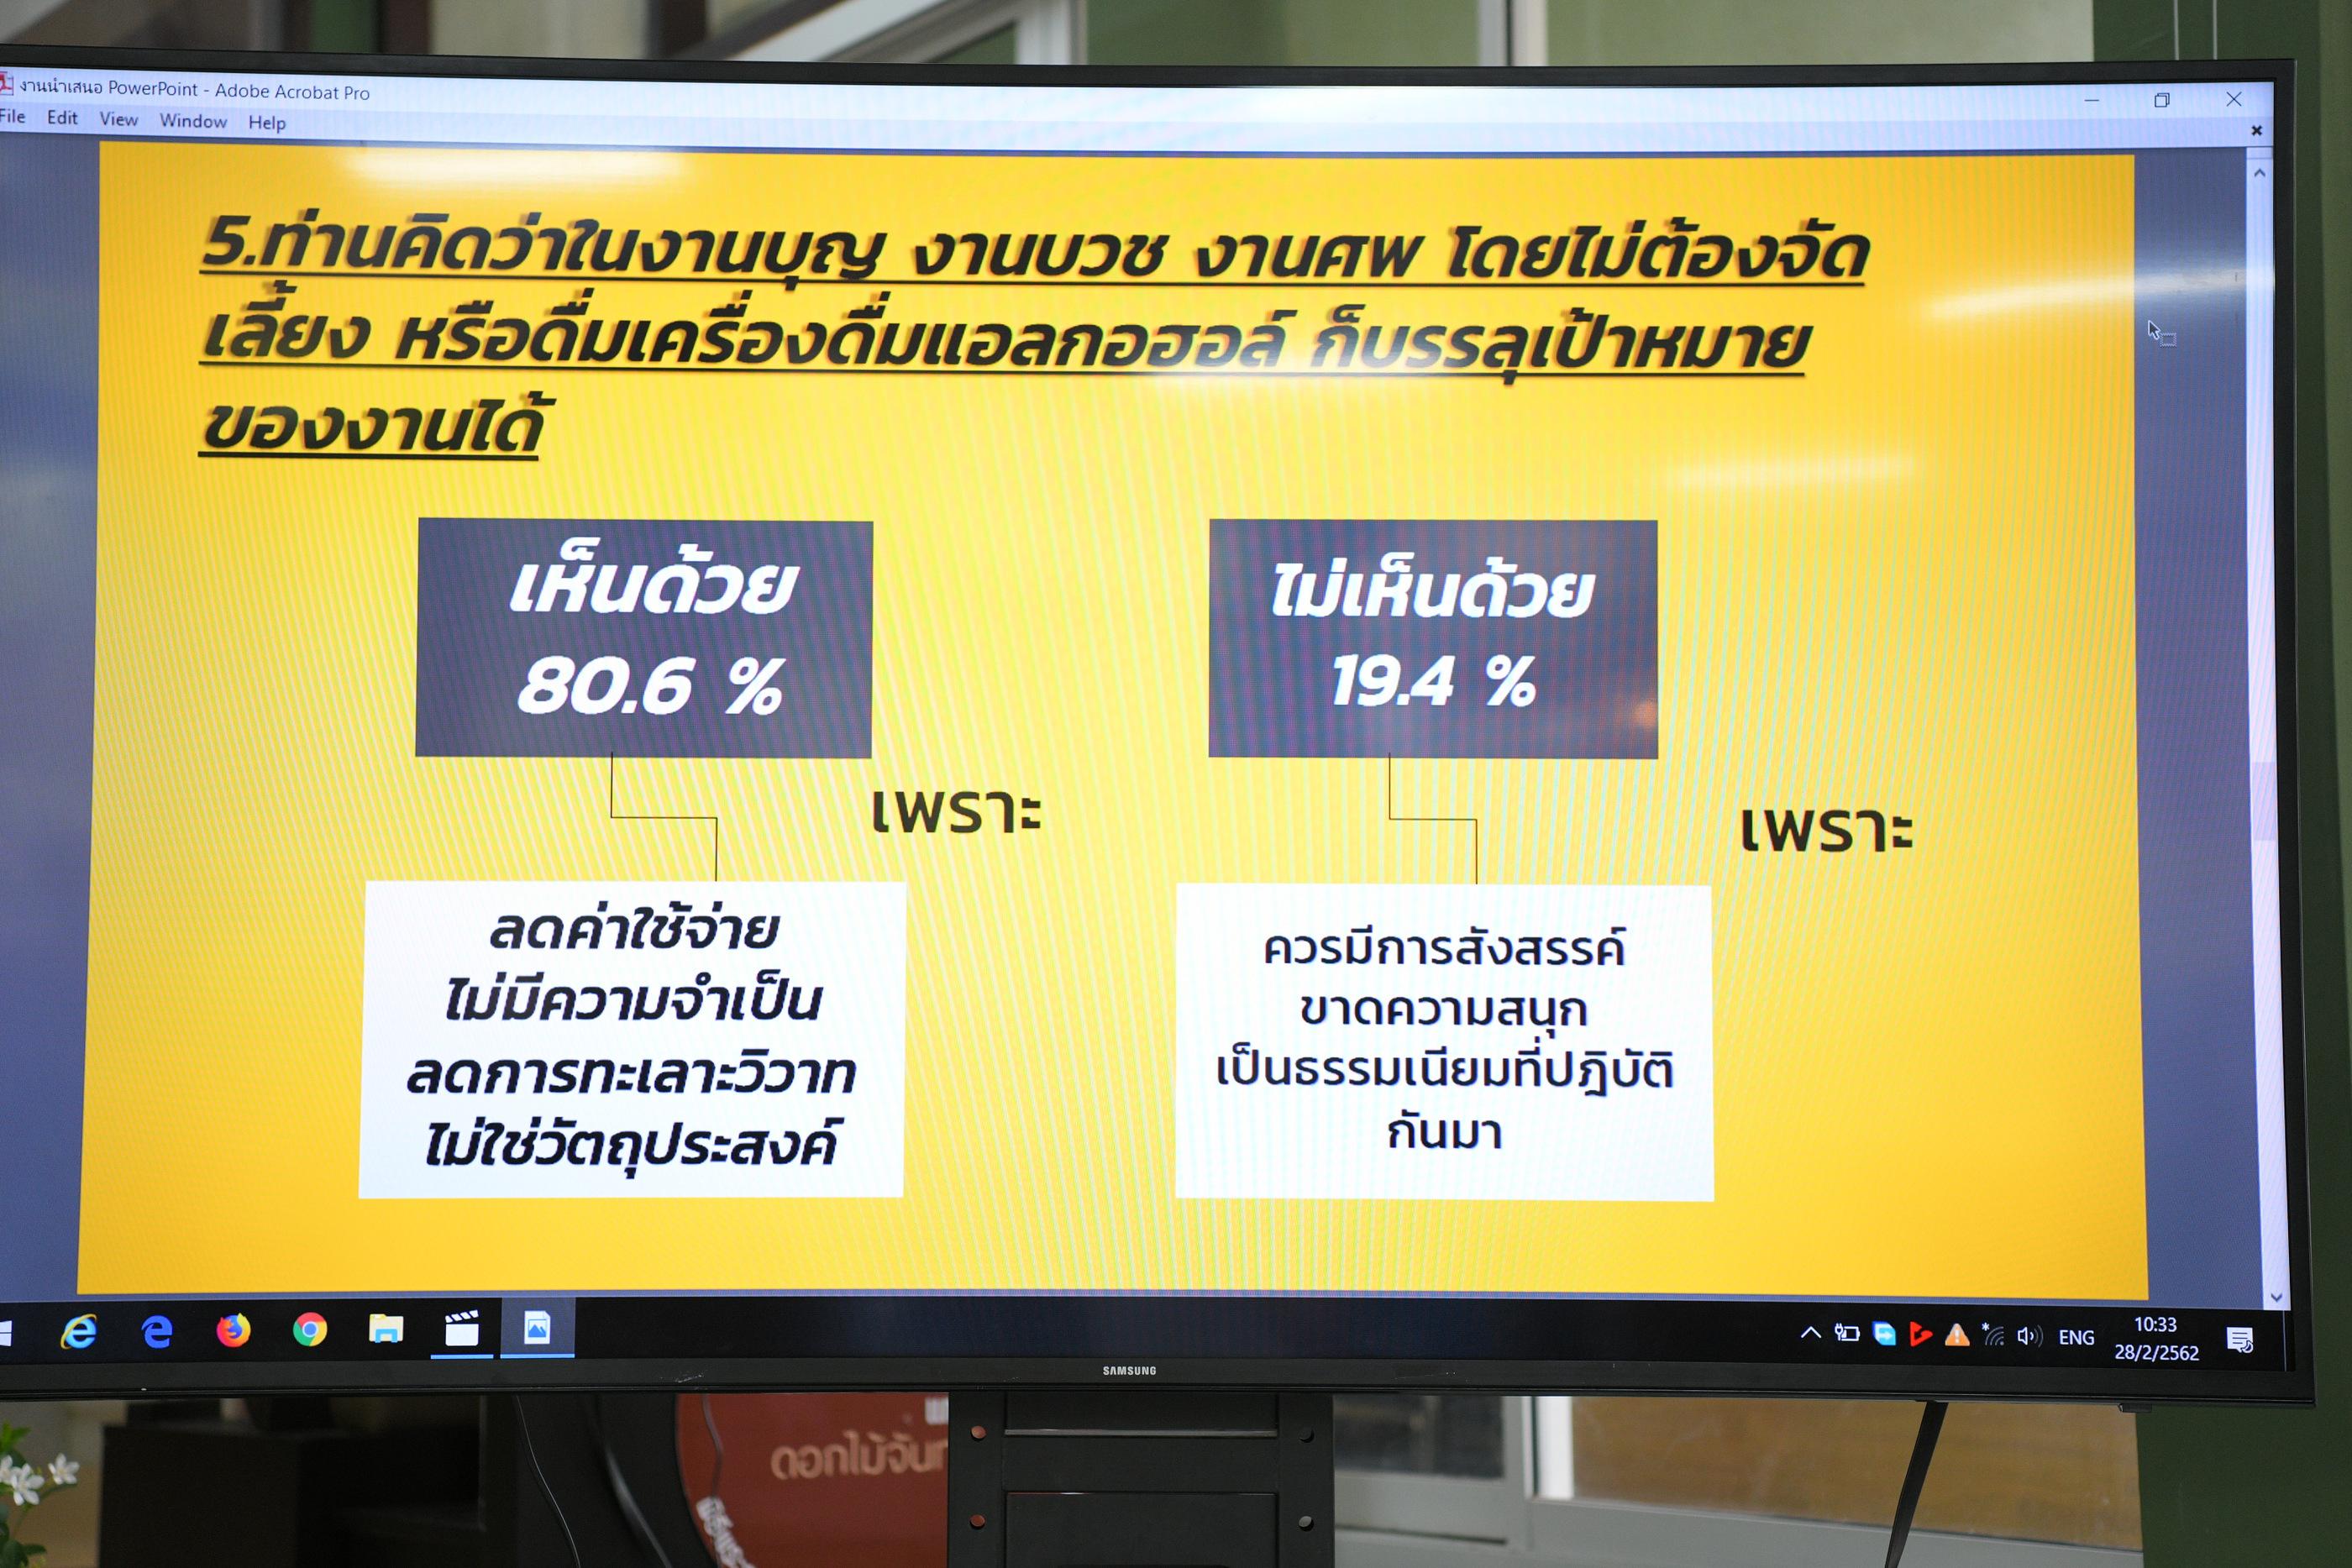 ถอนน้ำเมาจากงานบุญ thaihealth